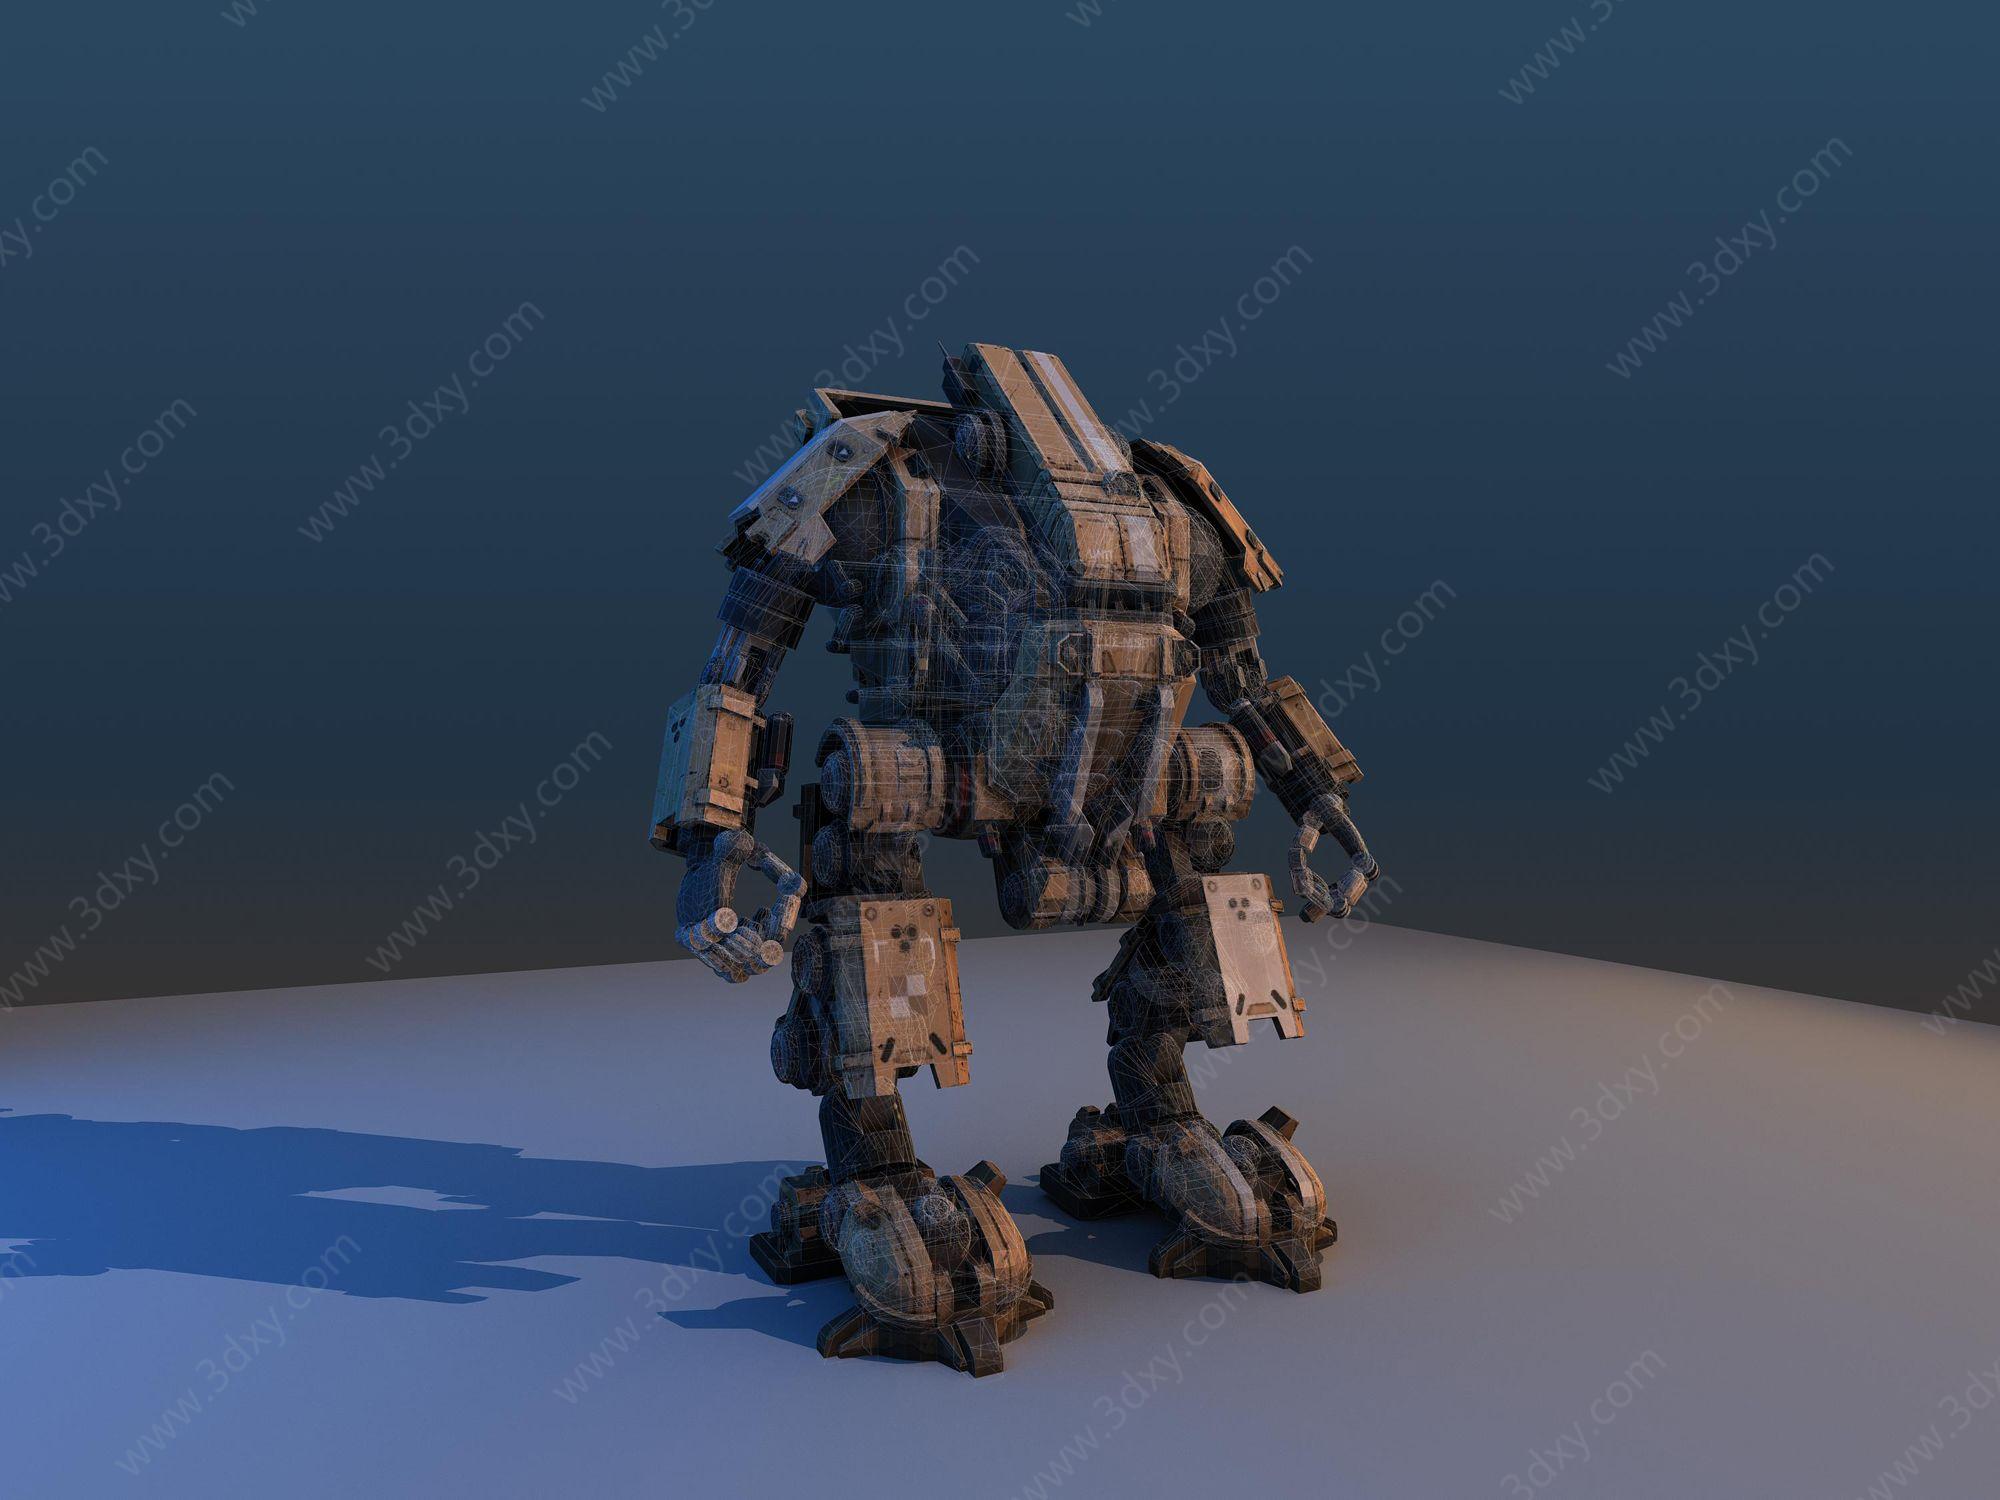 次时代机器人图片_次时代机器人png图片素材_次时代人